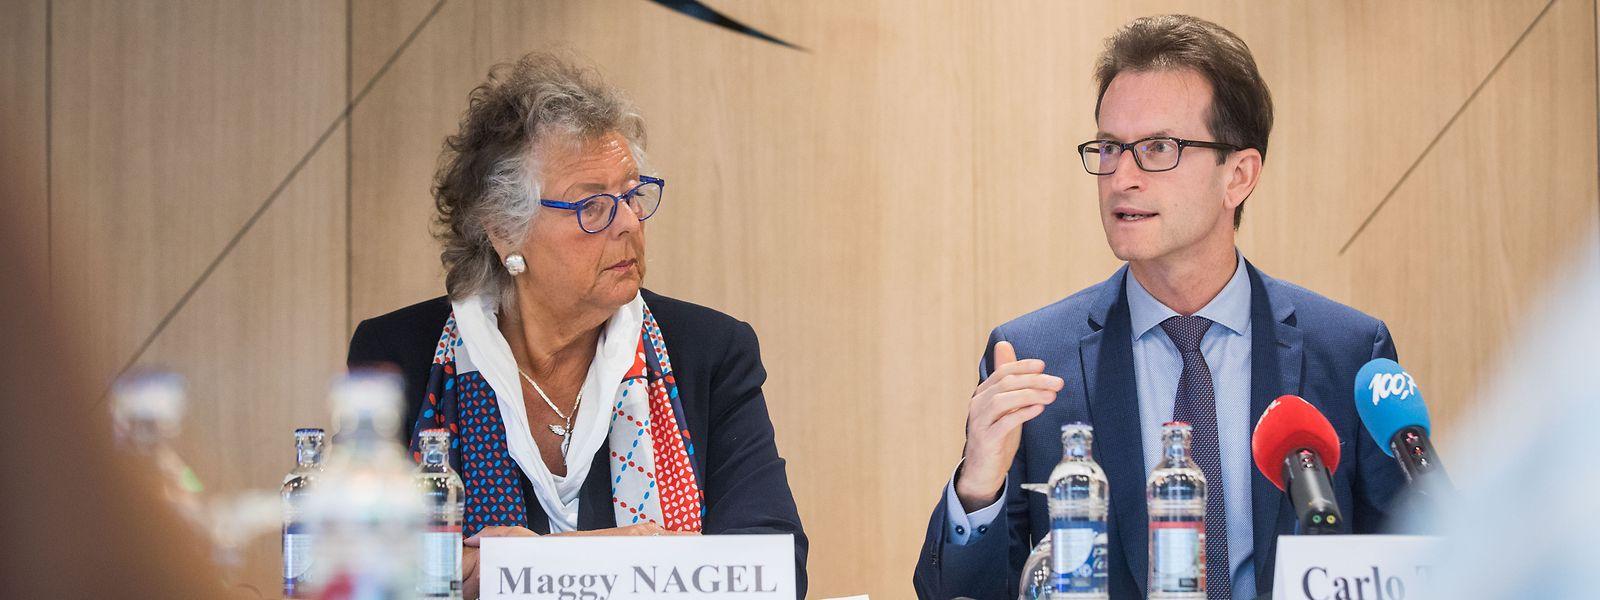 Maggy Nagel und Carlo Thelen erhoffen sich positive Auswirkungen für die Unternehmen.